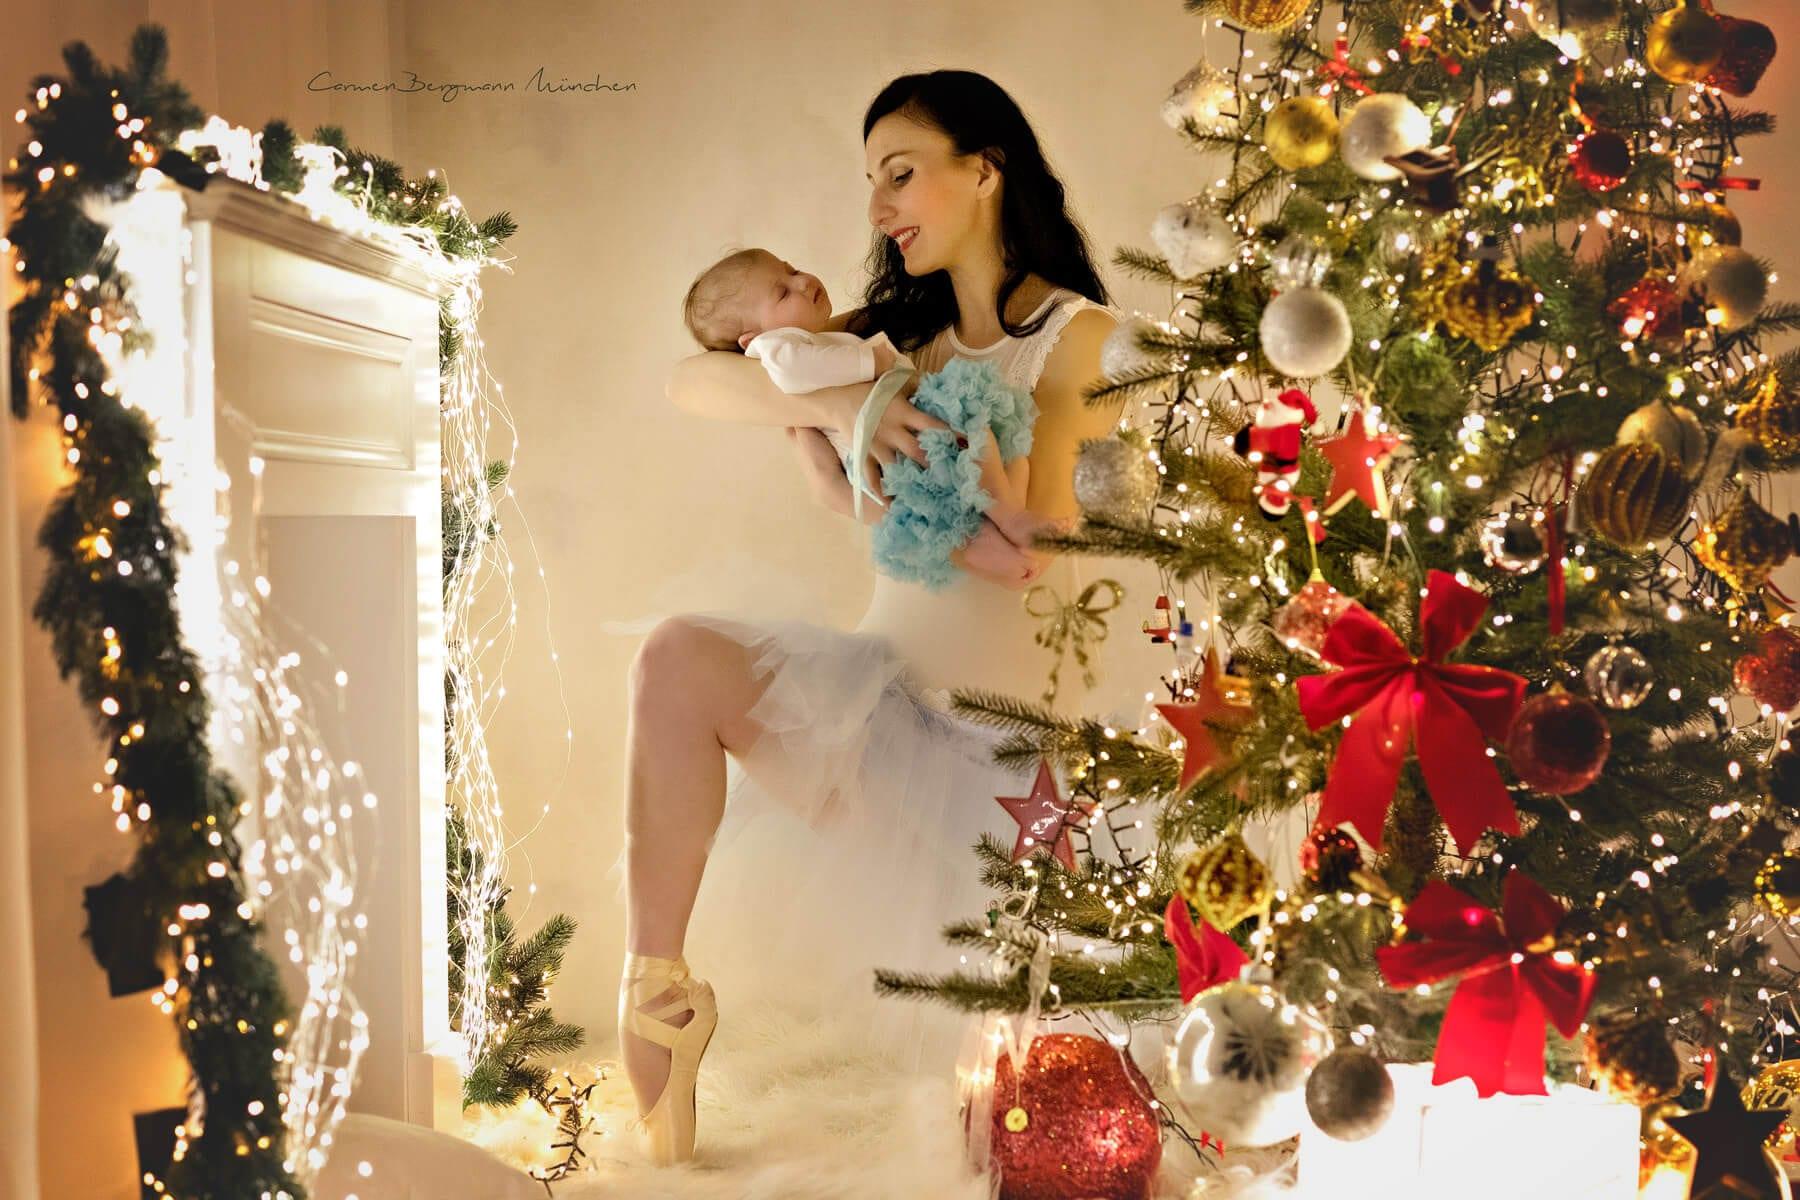 Weihnachten Fotoshooting in Muenchen